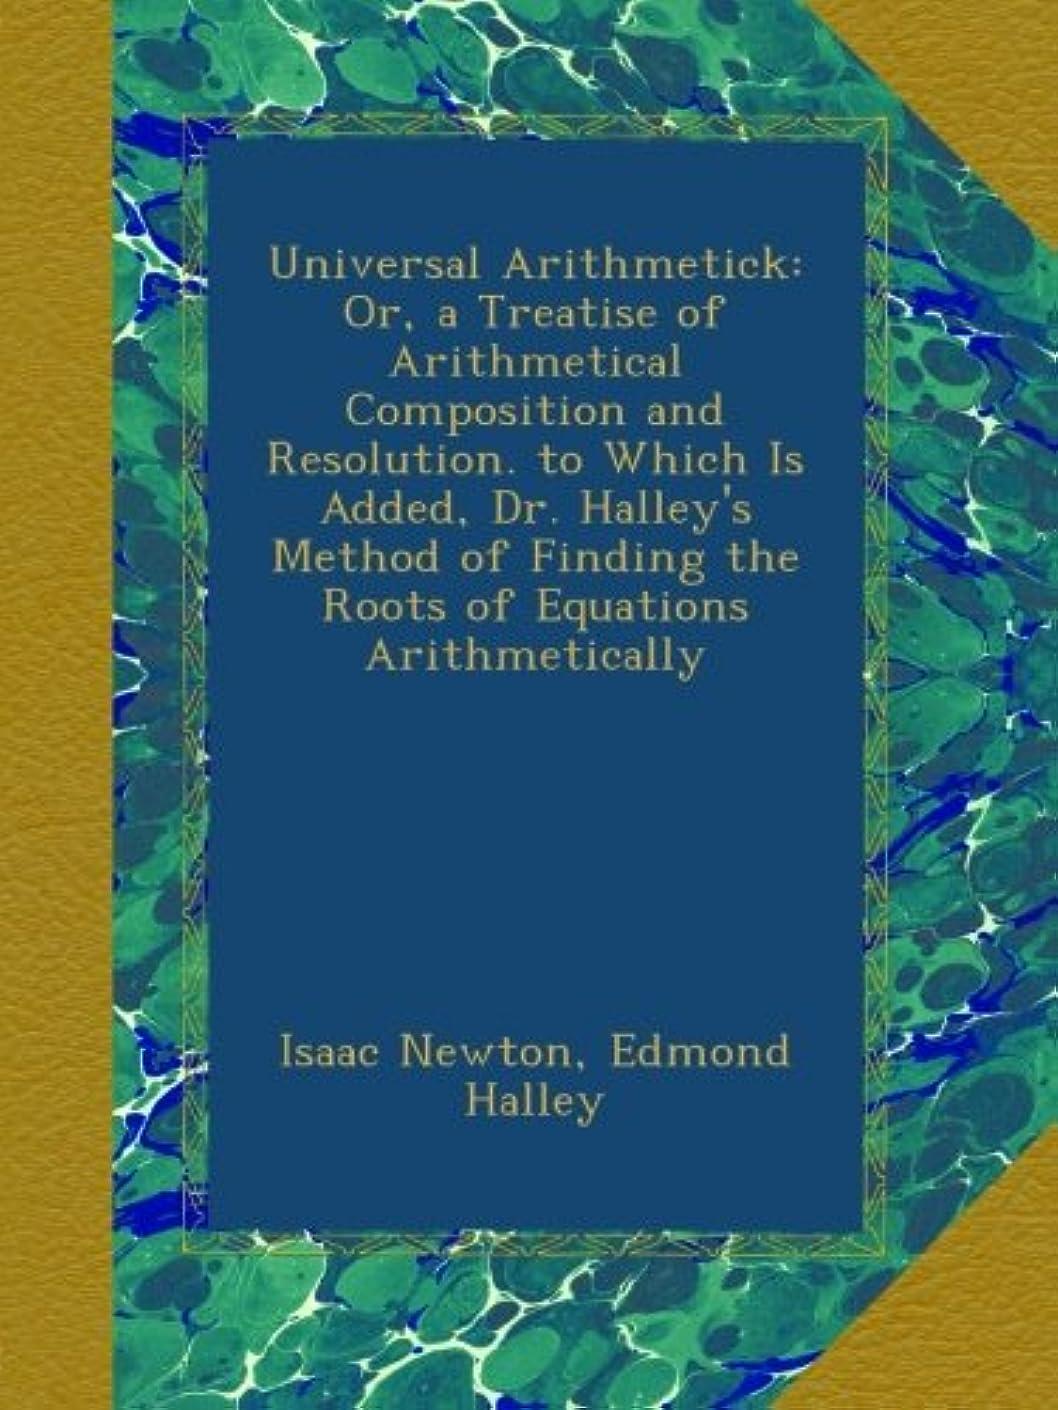 オセアニアクックドラッグUniversal Arithmetick: Or, a Treatise of Arithmetical Composition and Resolution. to Which Is Added, Dr. Halley's Method of Finding the Roots of Equations Arithmetically